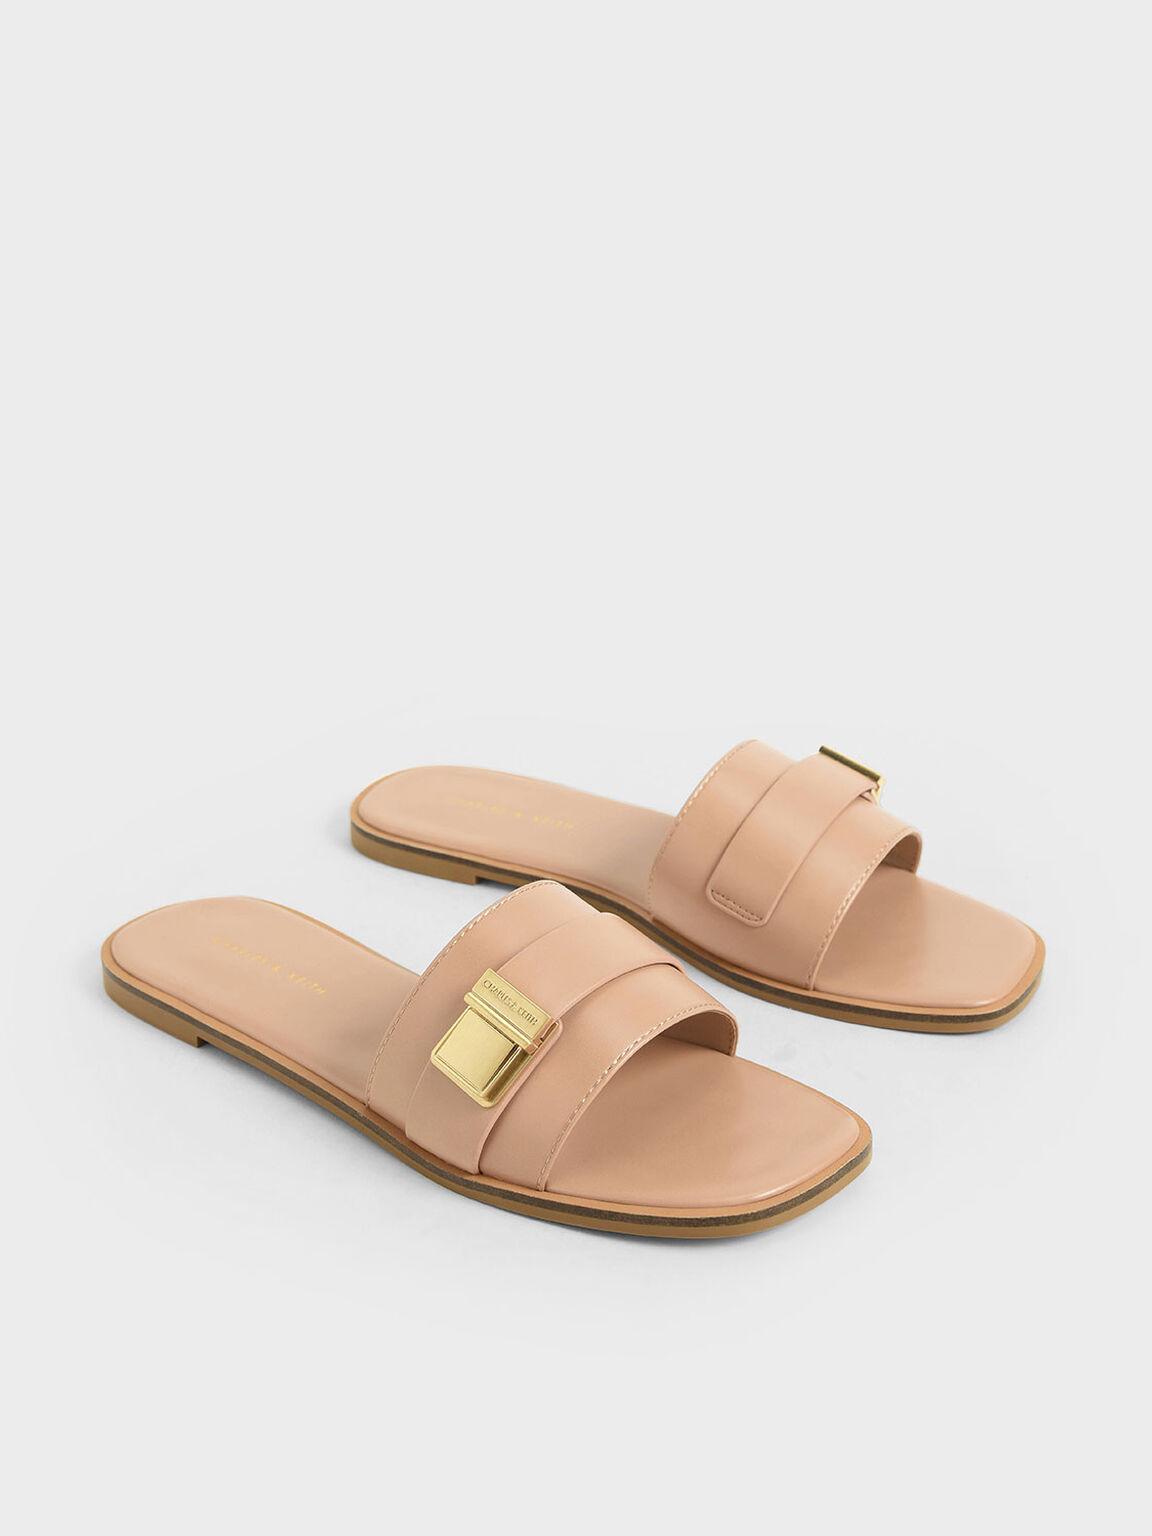 Buckle Detail Slide Sandals, Nude, hi-res